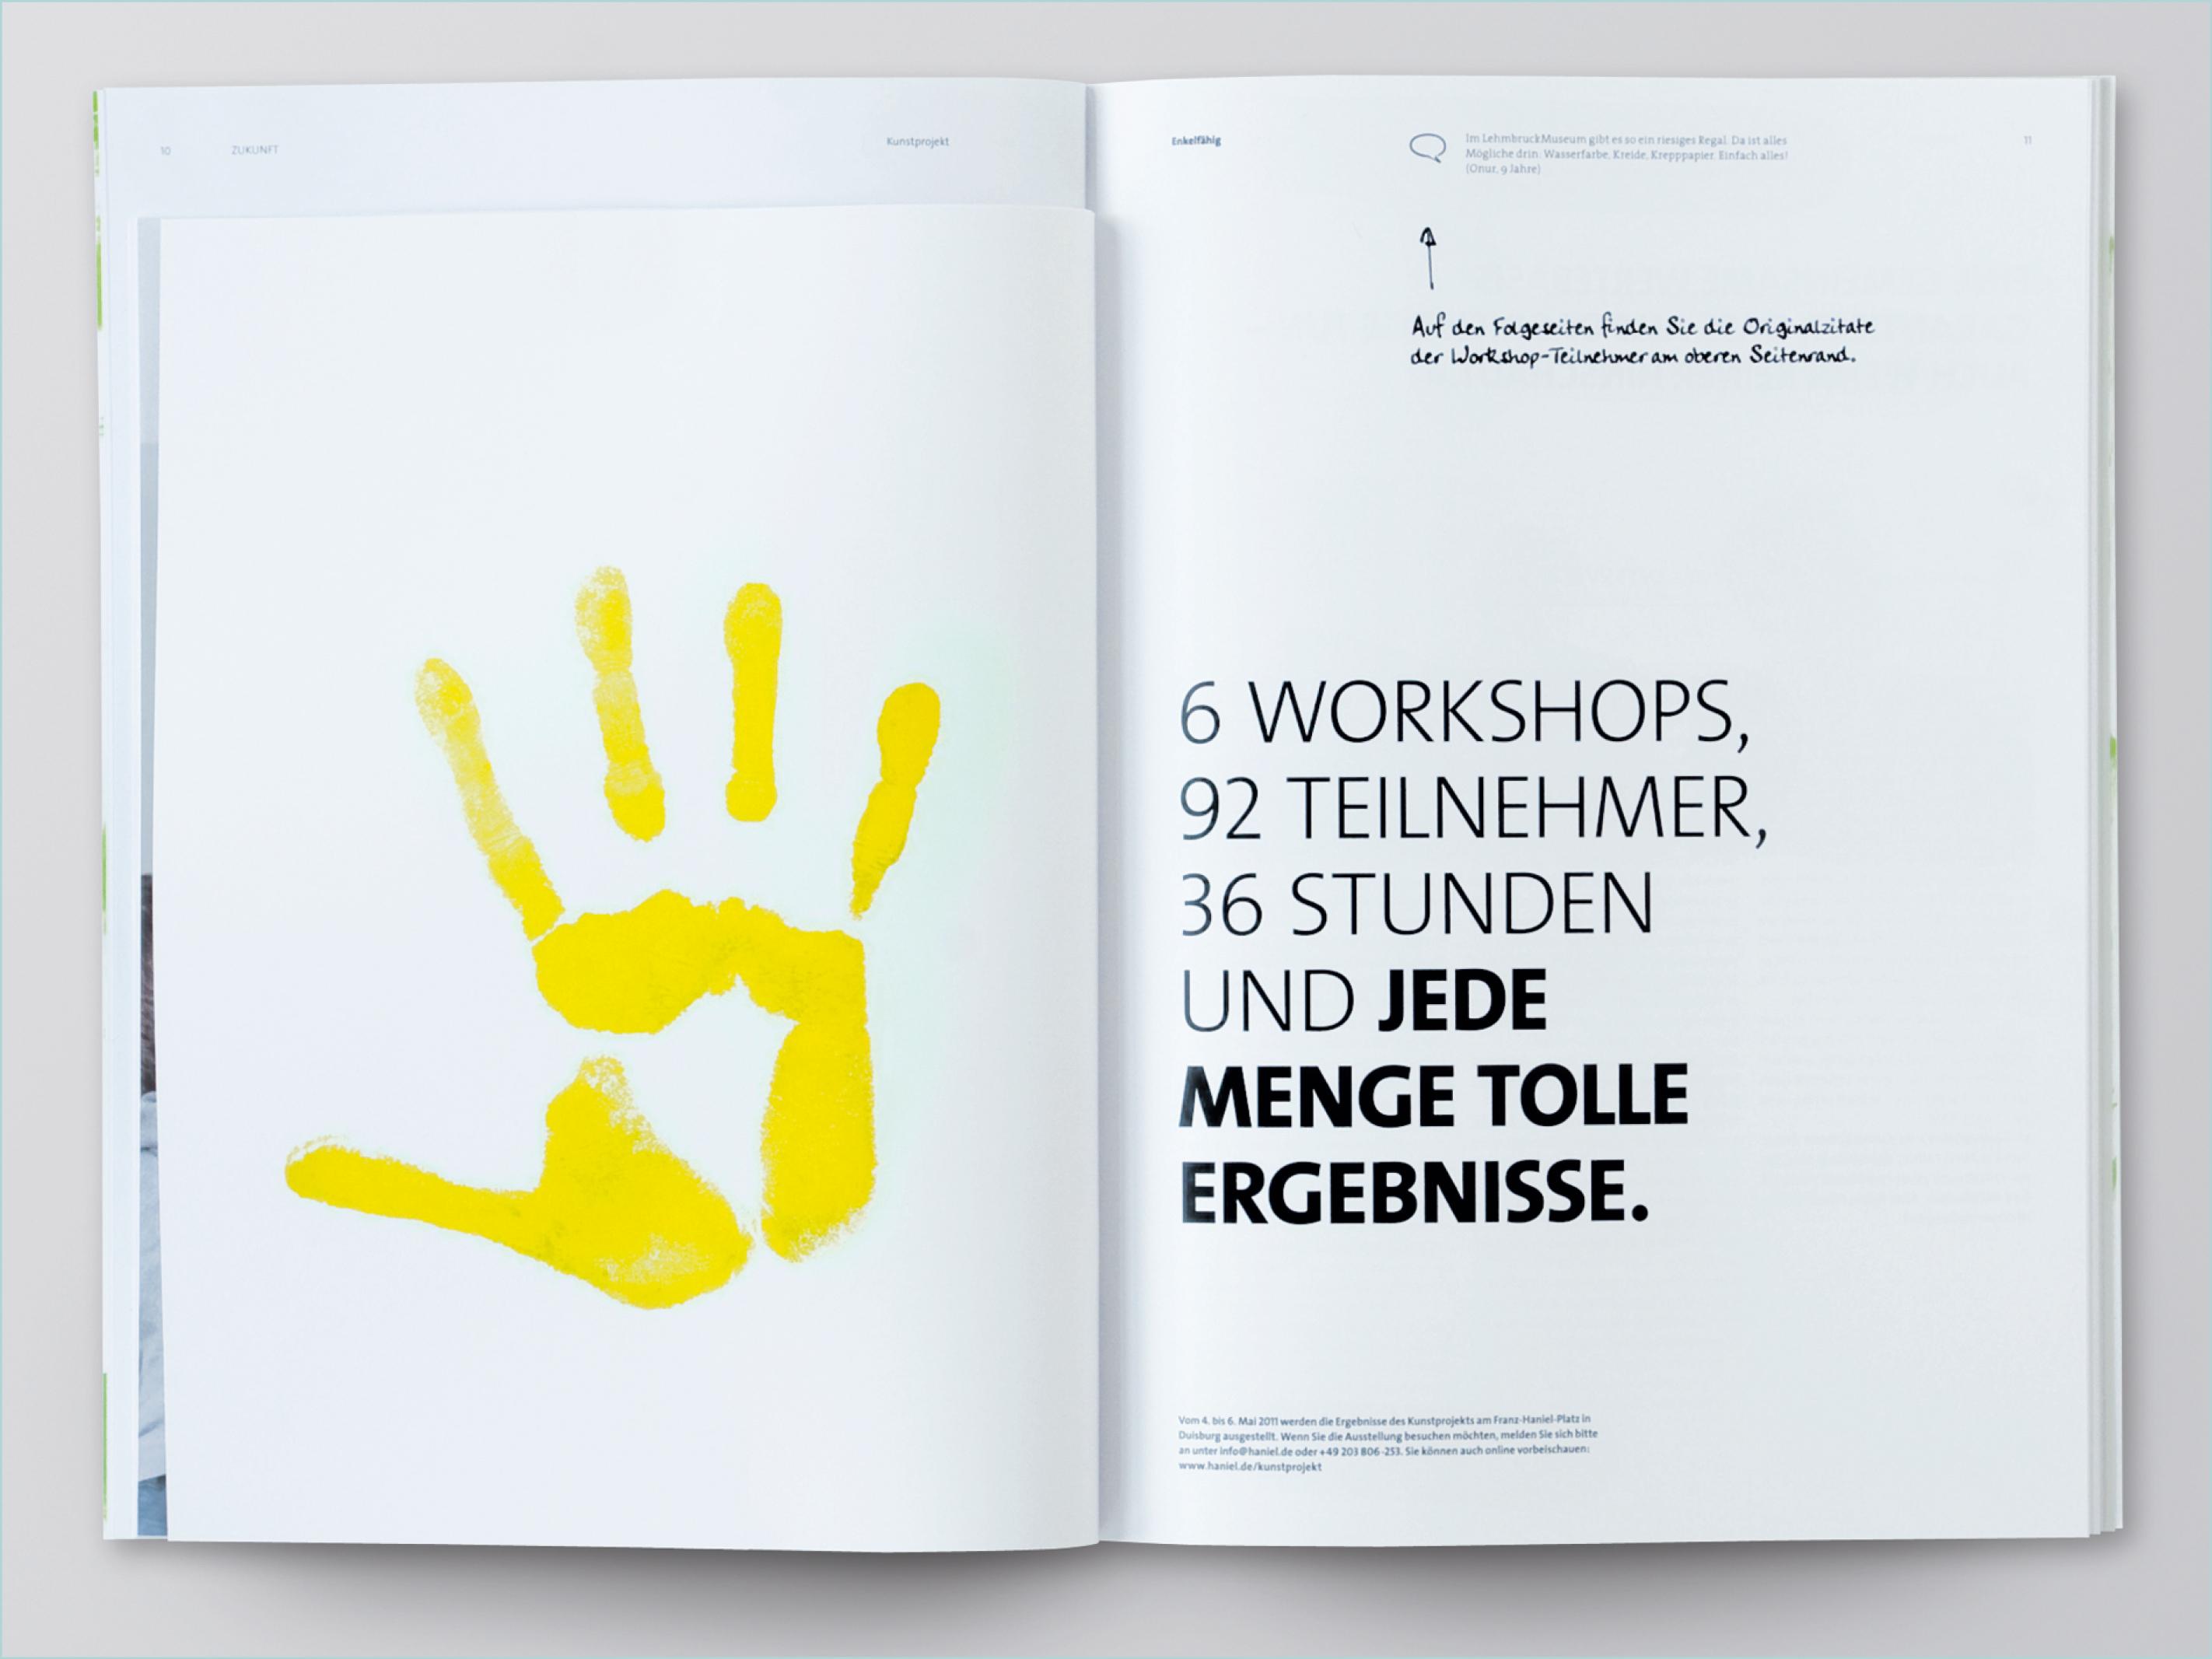 Haniel – Annual Report – Poarangan Brand Design10